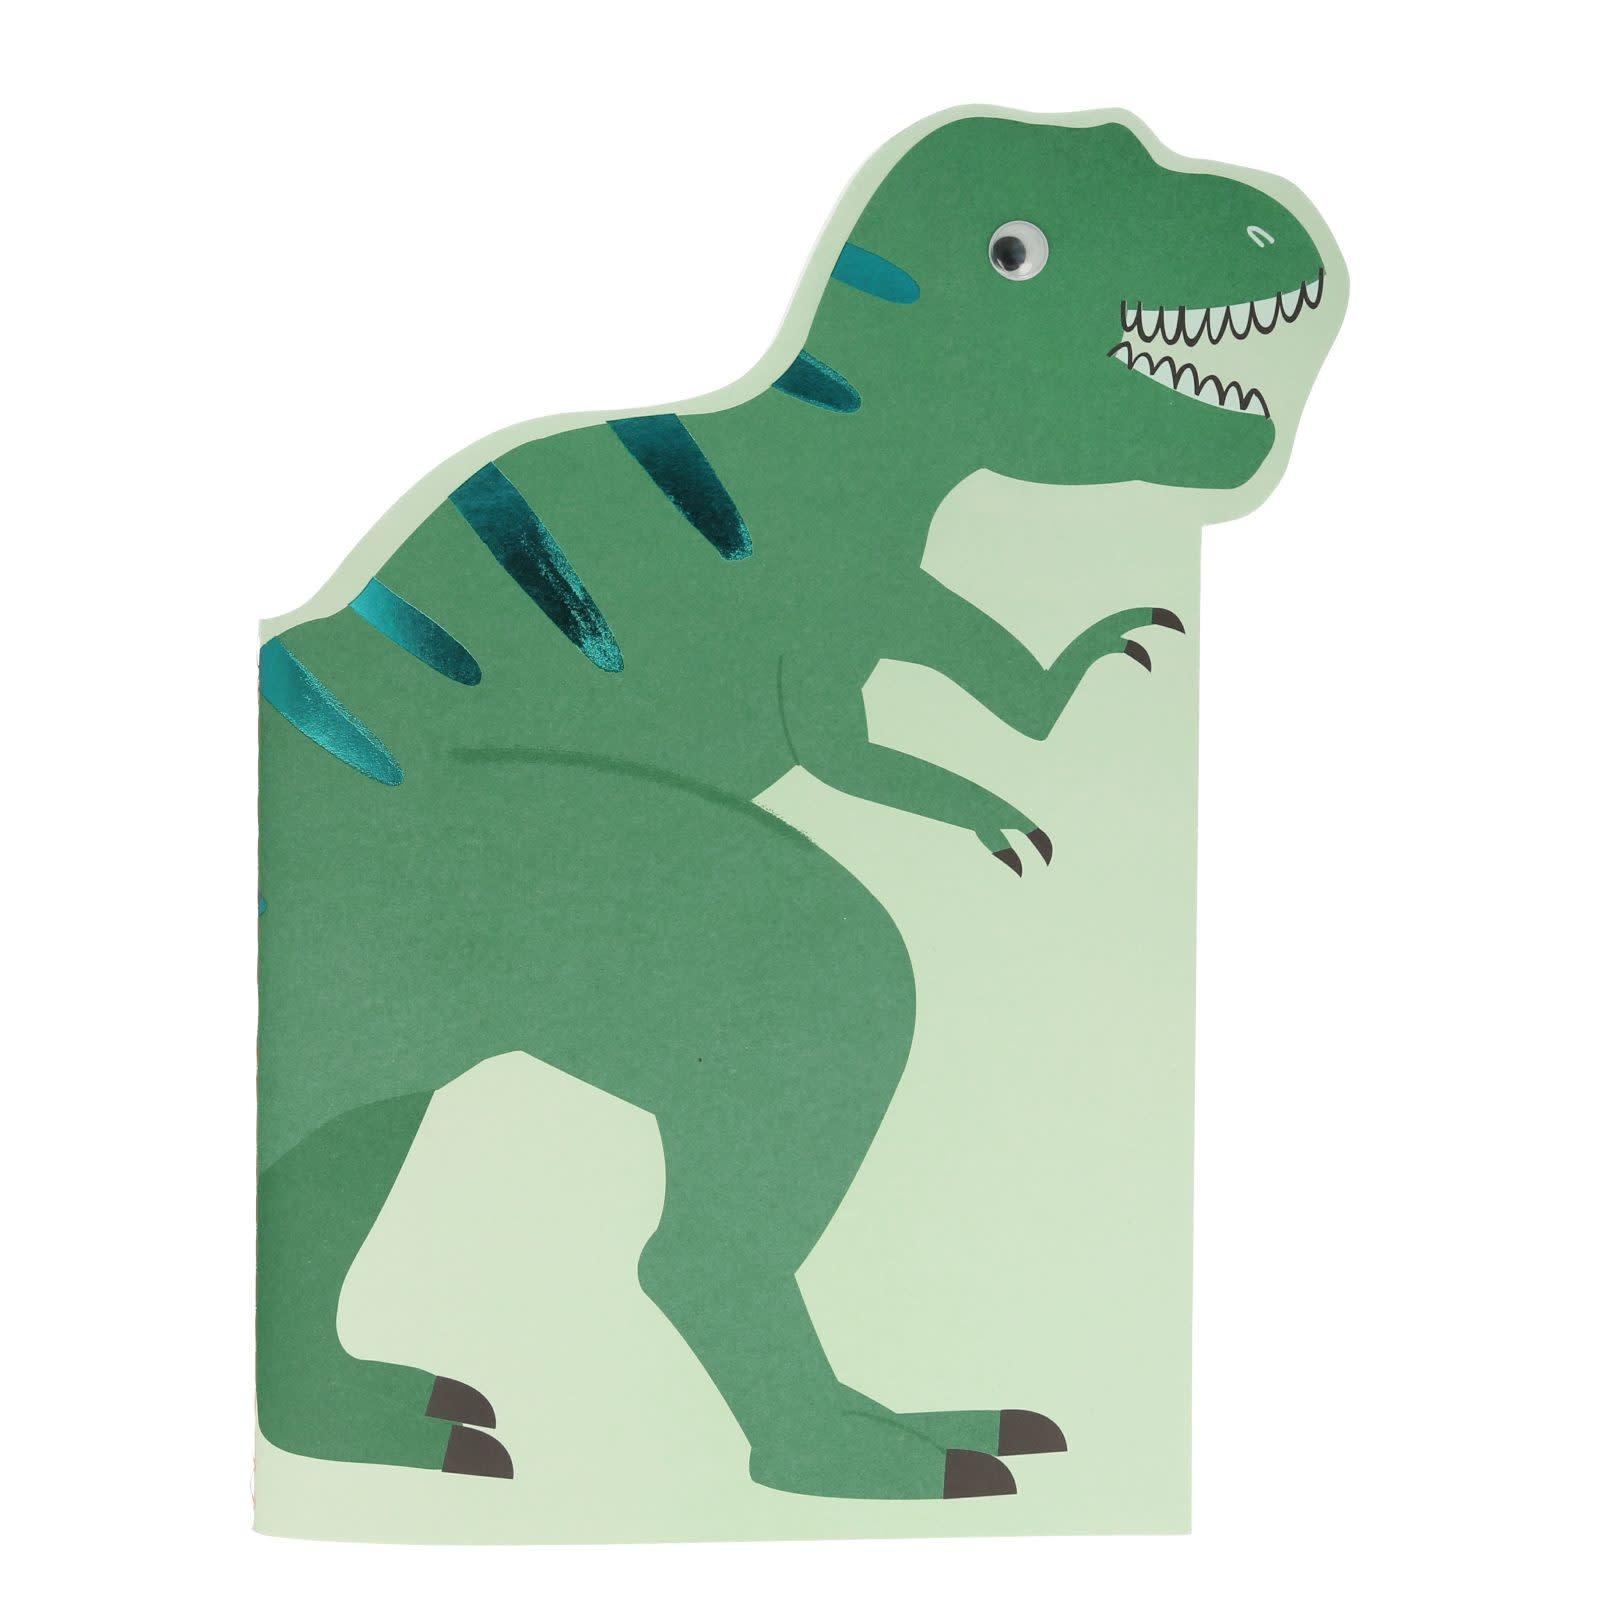 MERIMERI Dinosaur sticker & sketchbook